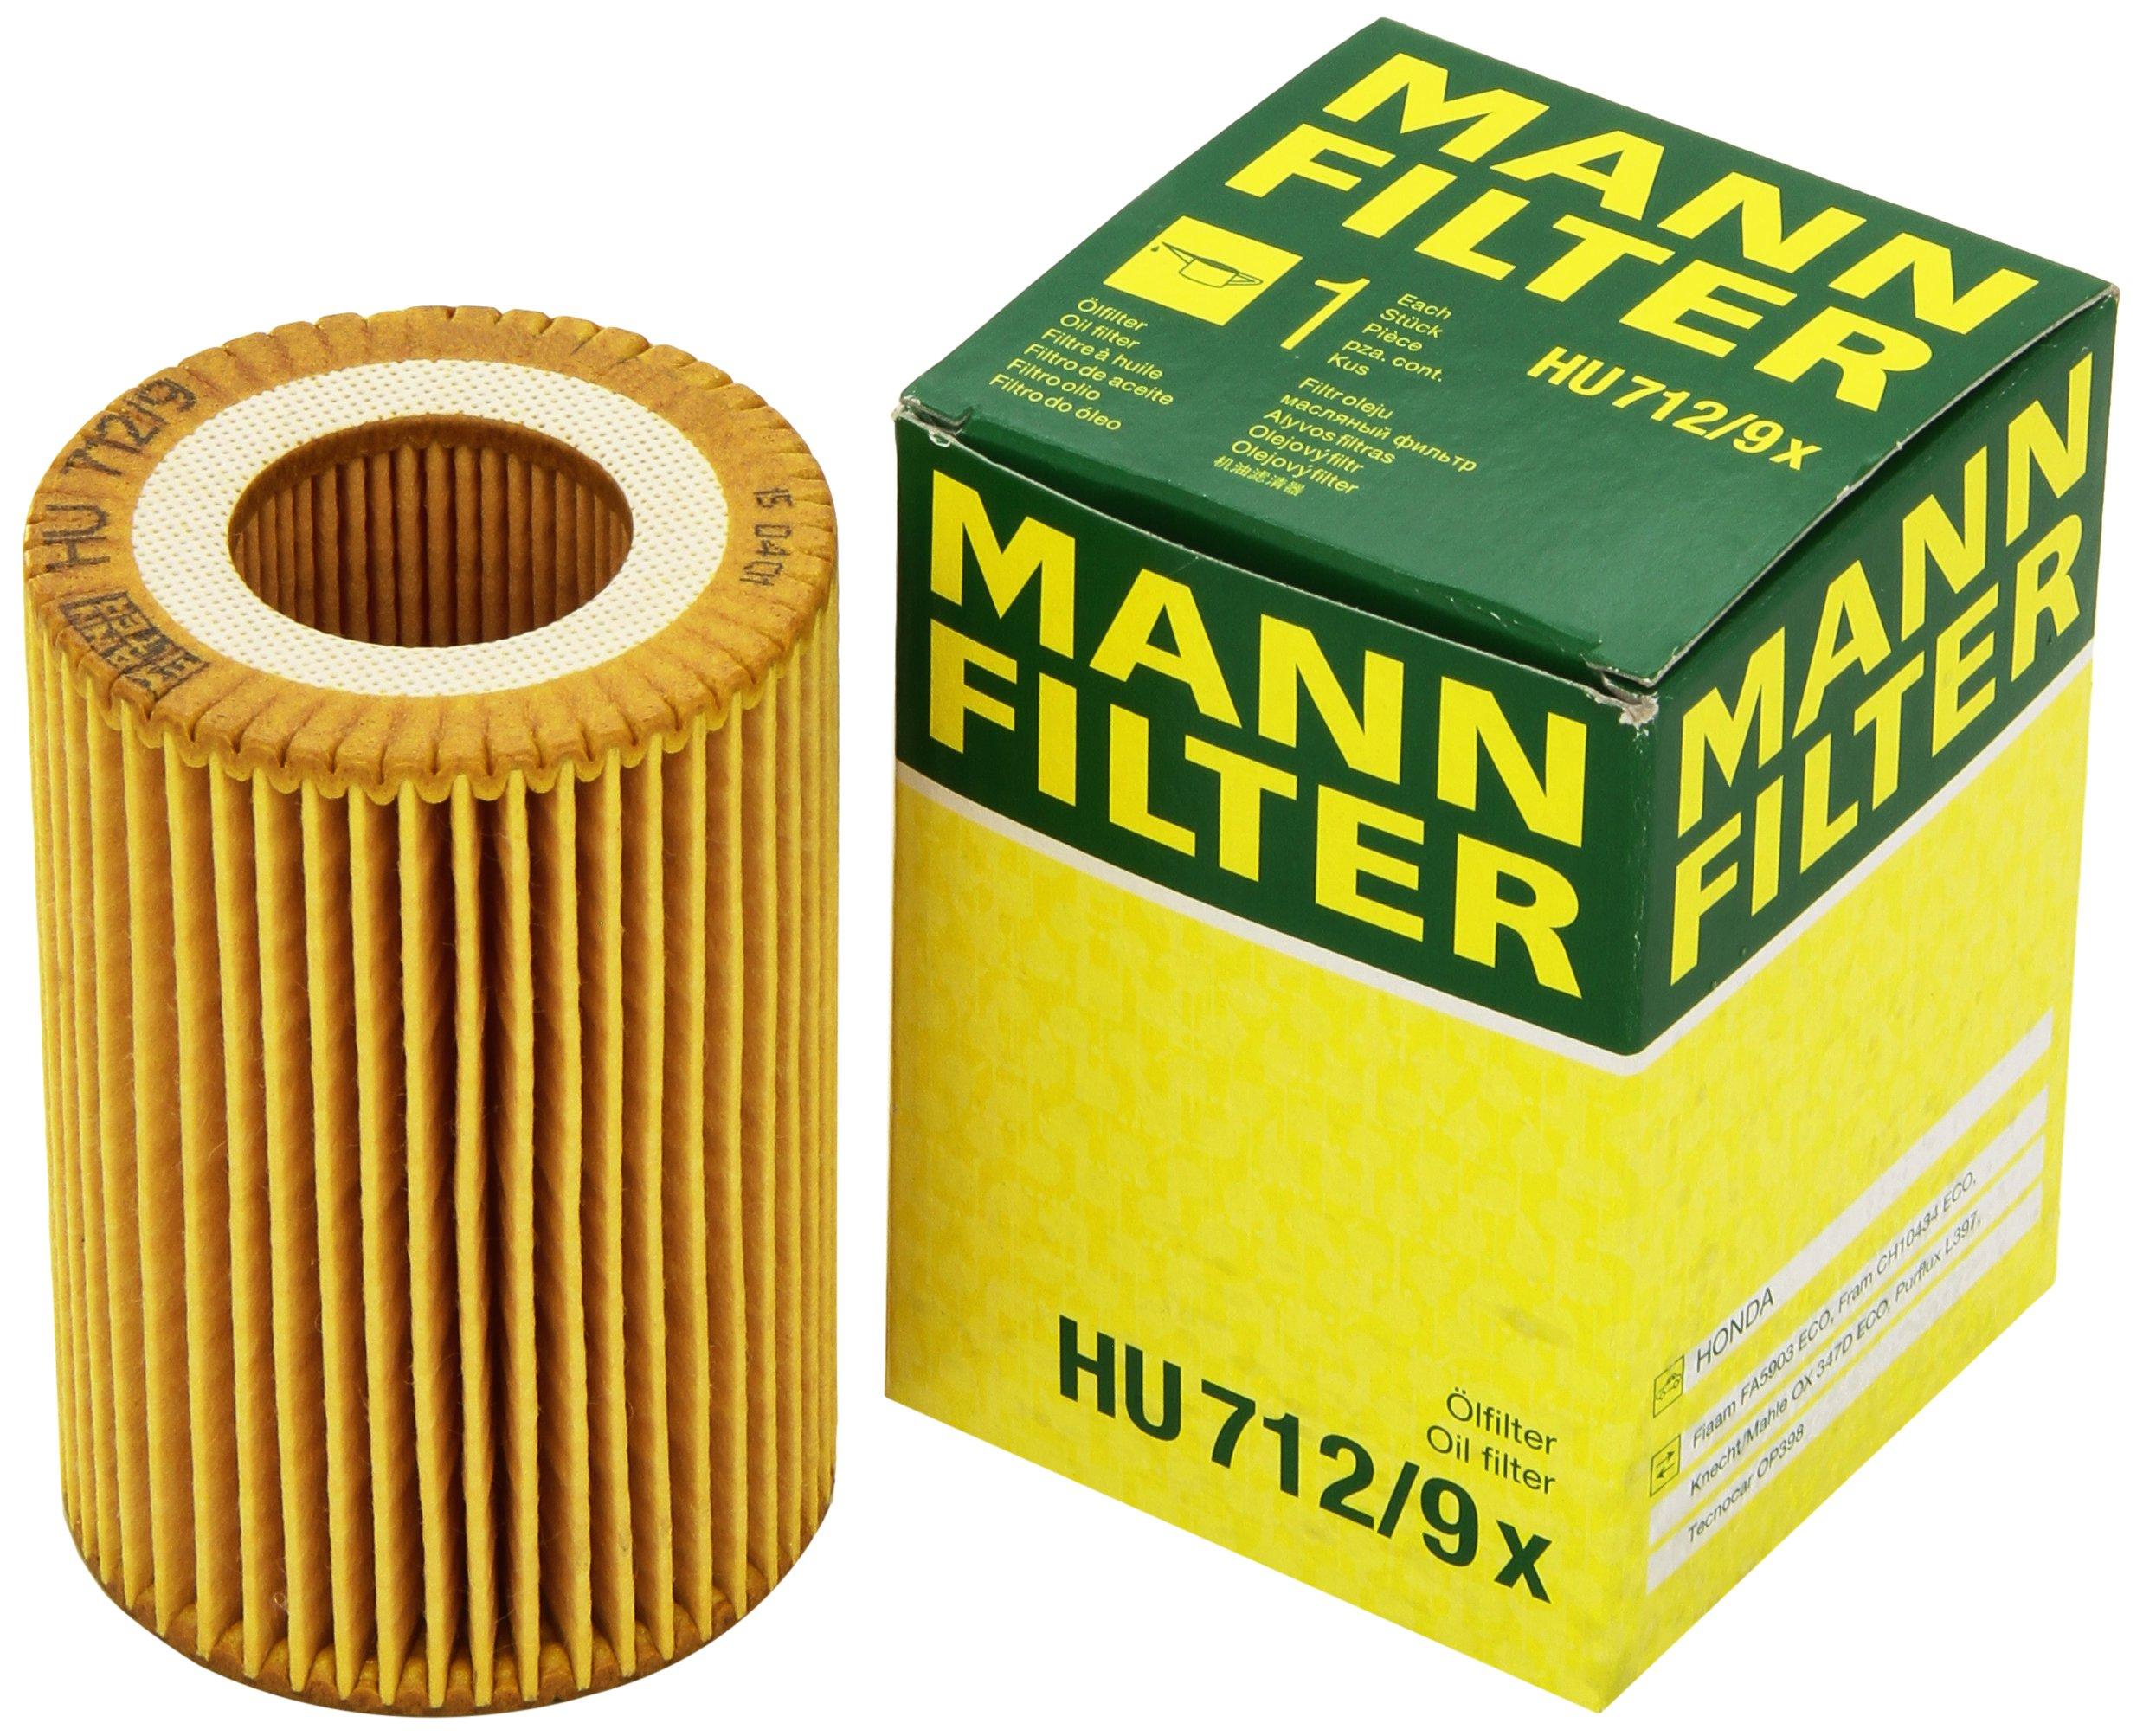 Mann Filter HU 712/9 x Filtro de Aceite product image